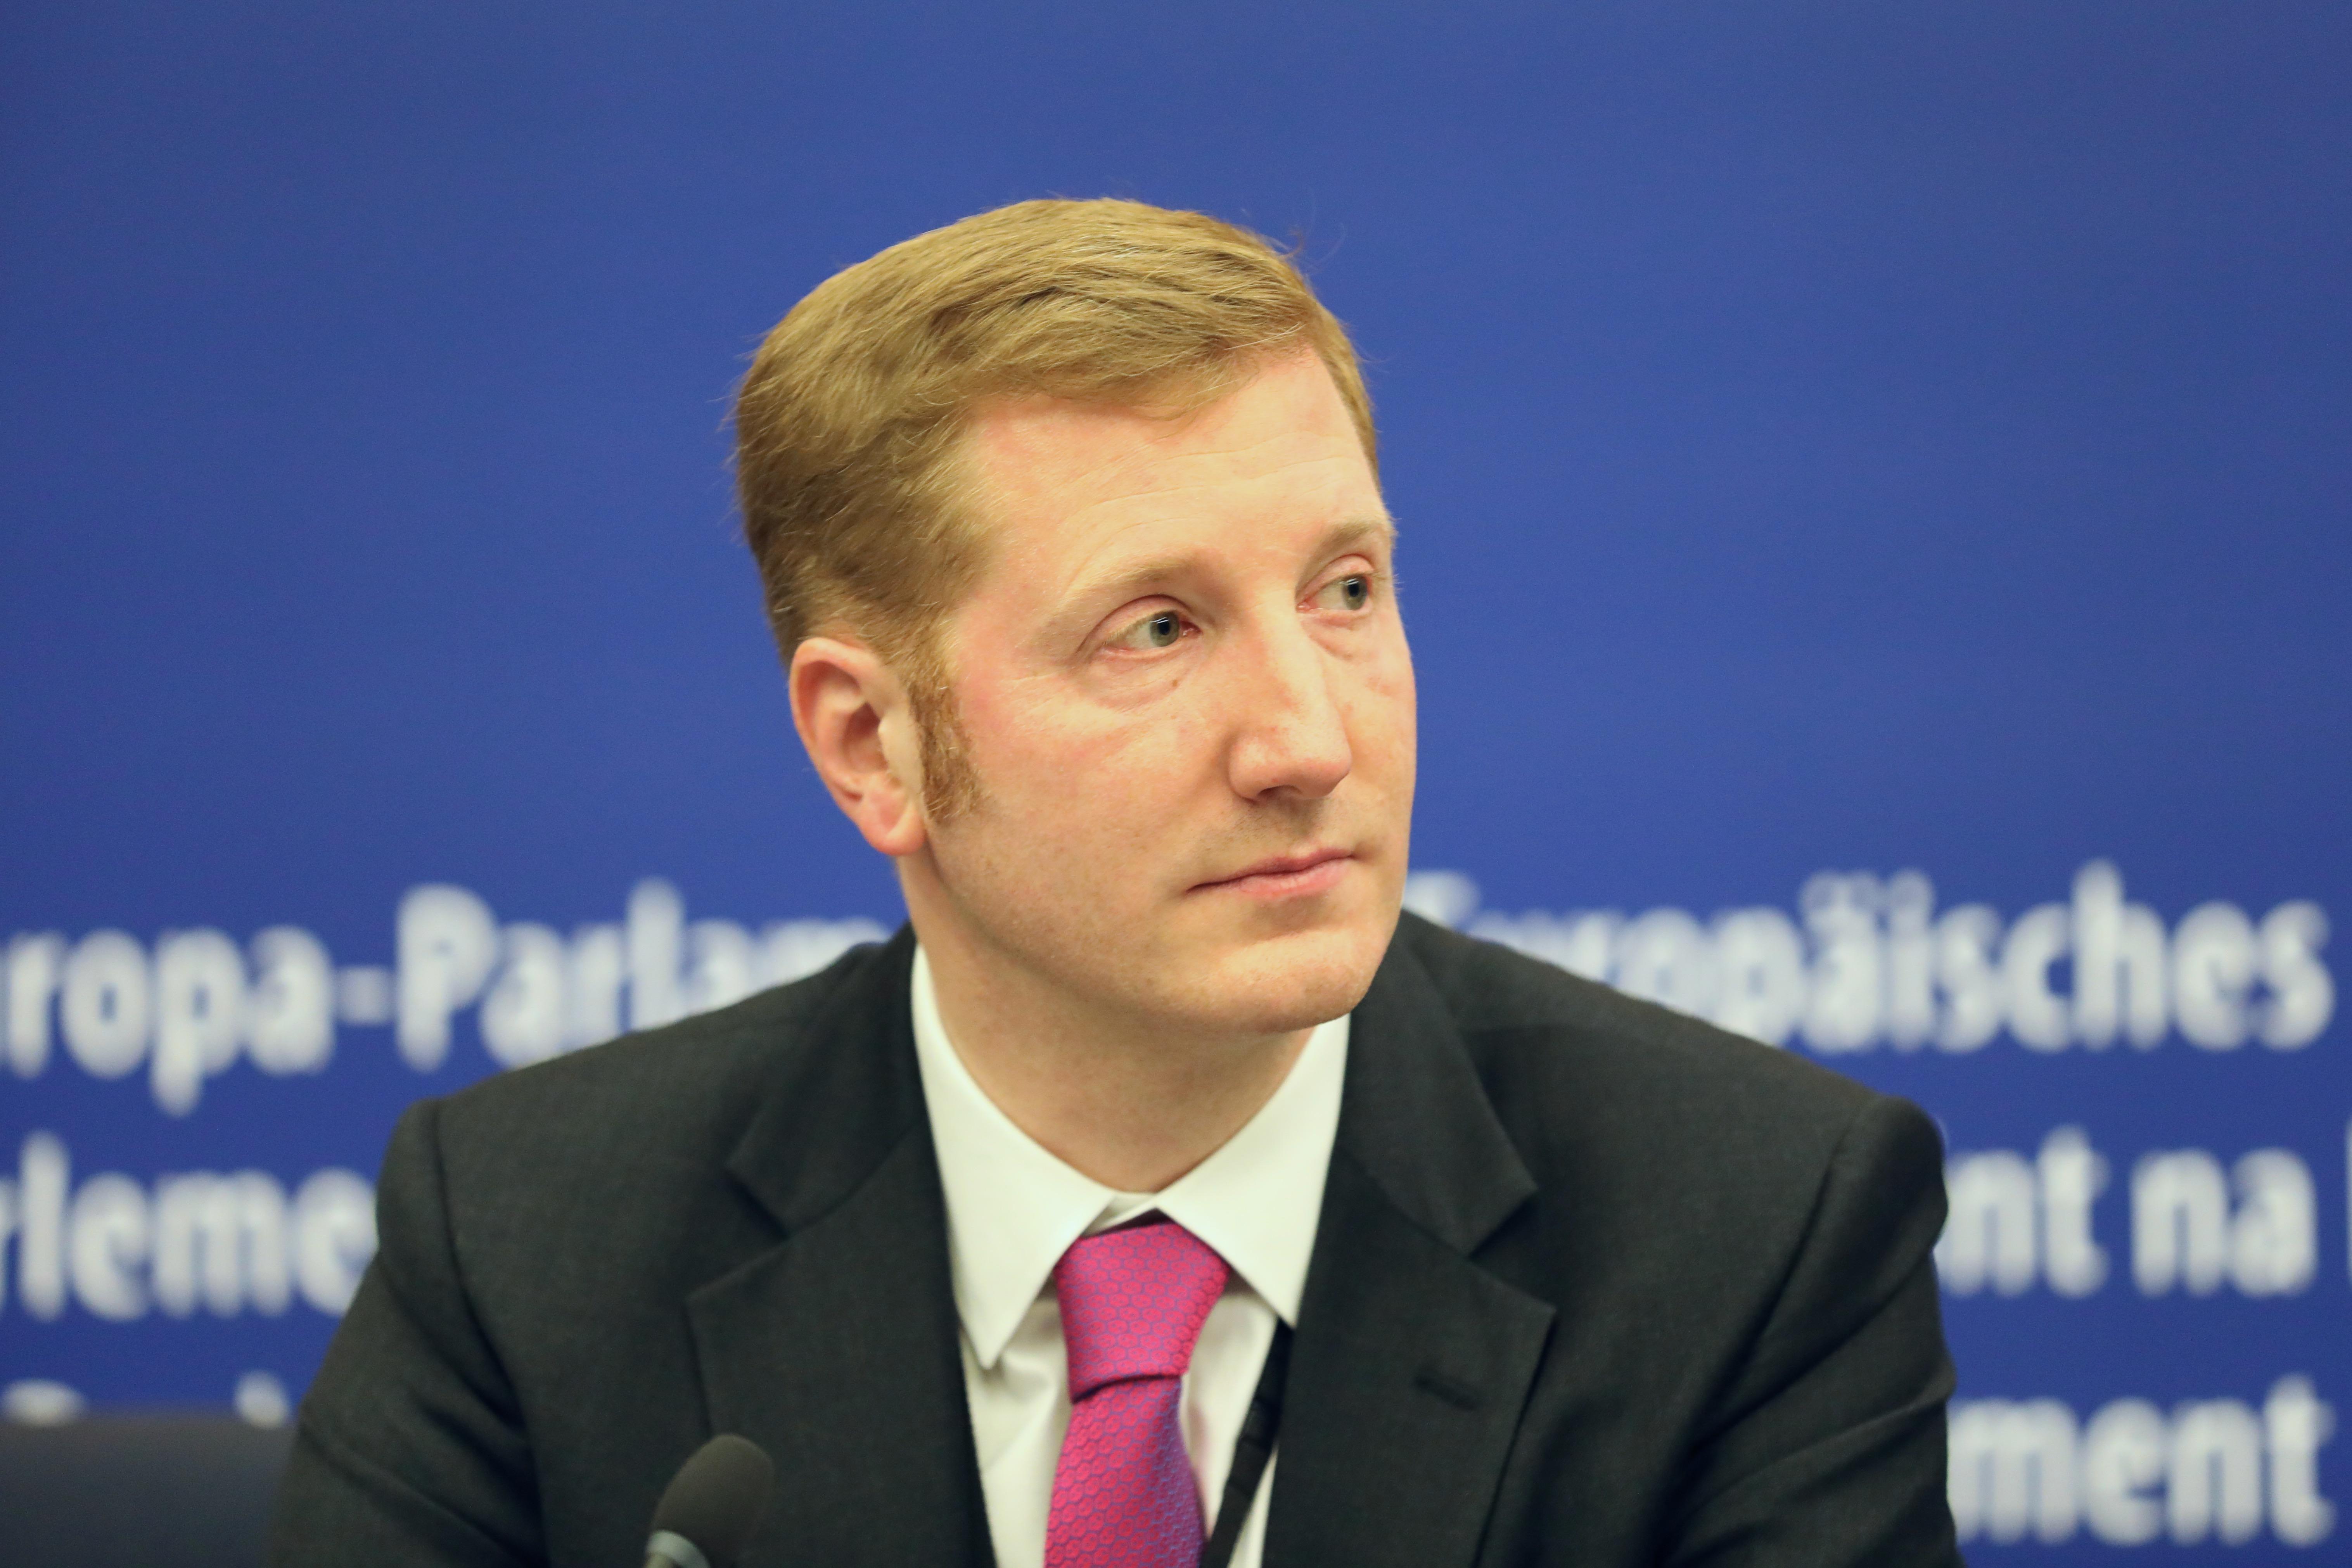 KO in der ersten Runde bei EU-Haushaltsverhandlungen